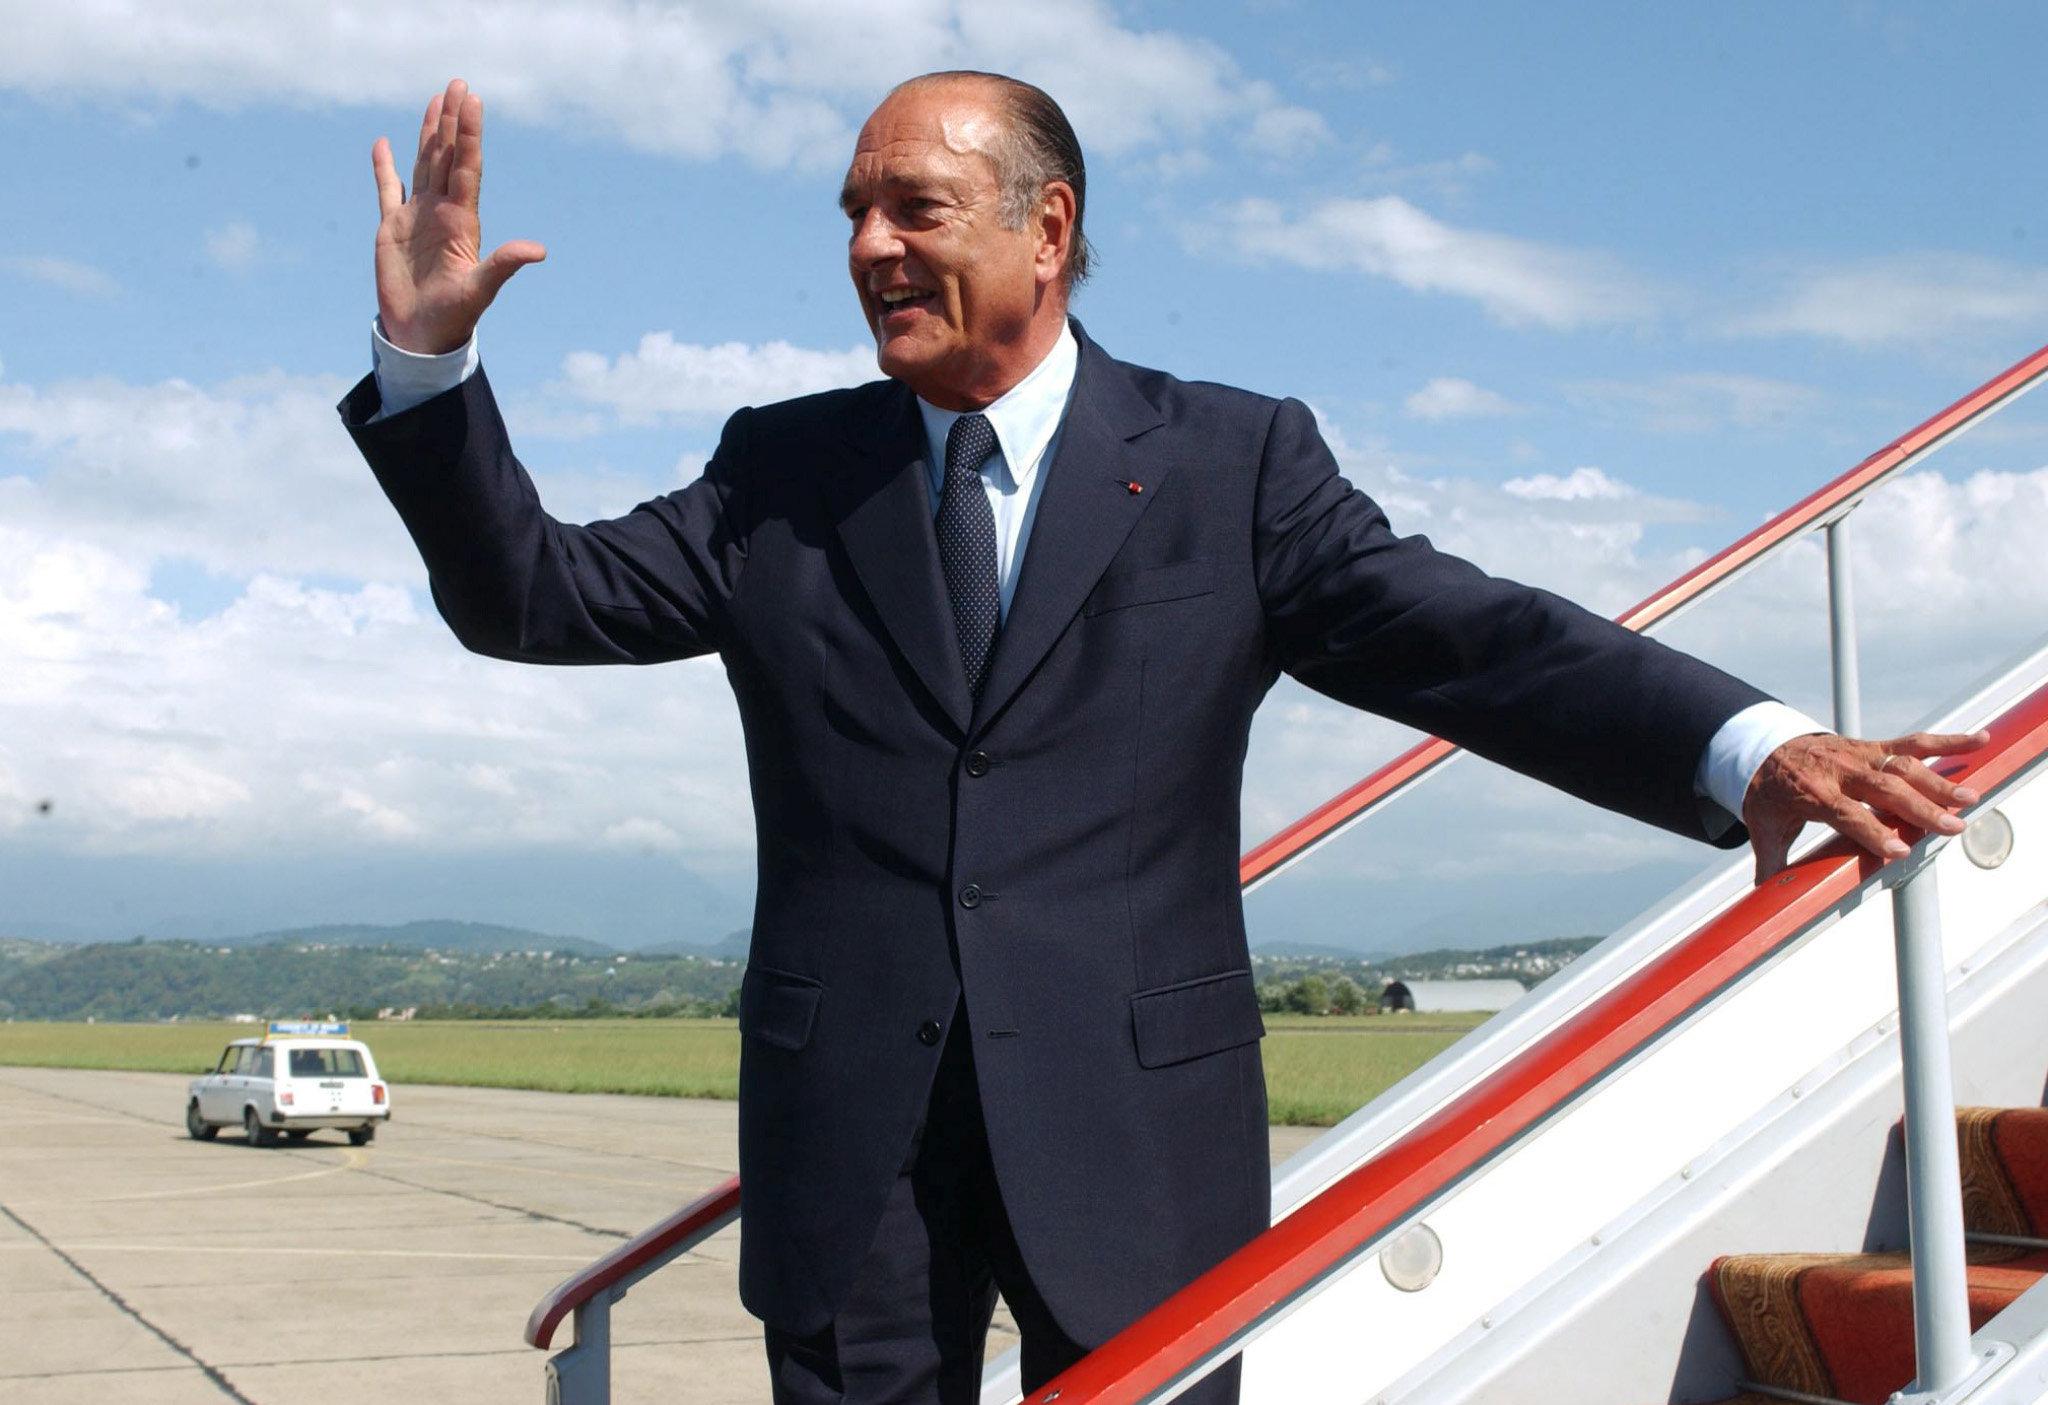 საფრანგეთის პრეზიდენტი ჟაკ შირაკი სოჭში